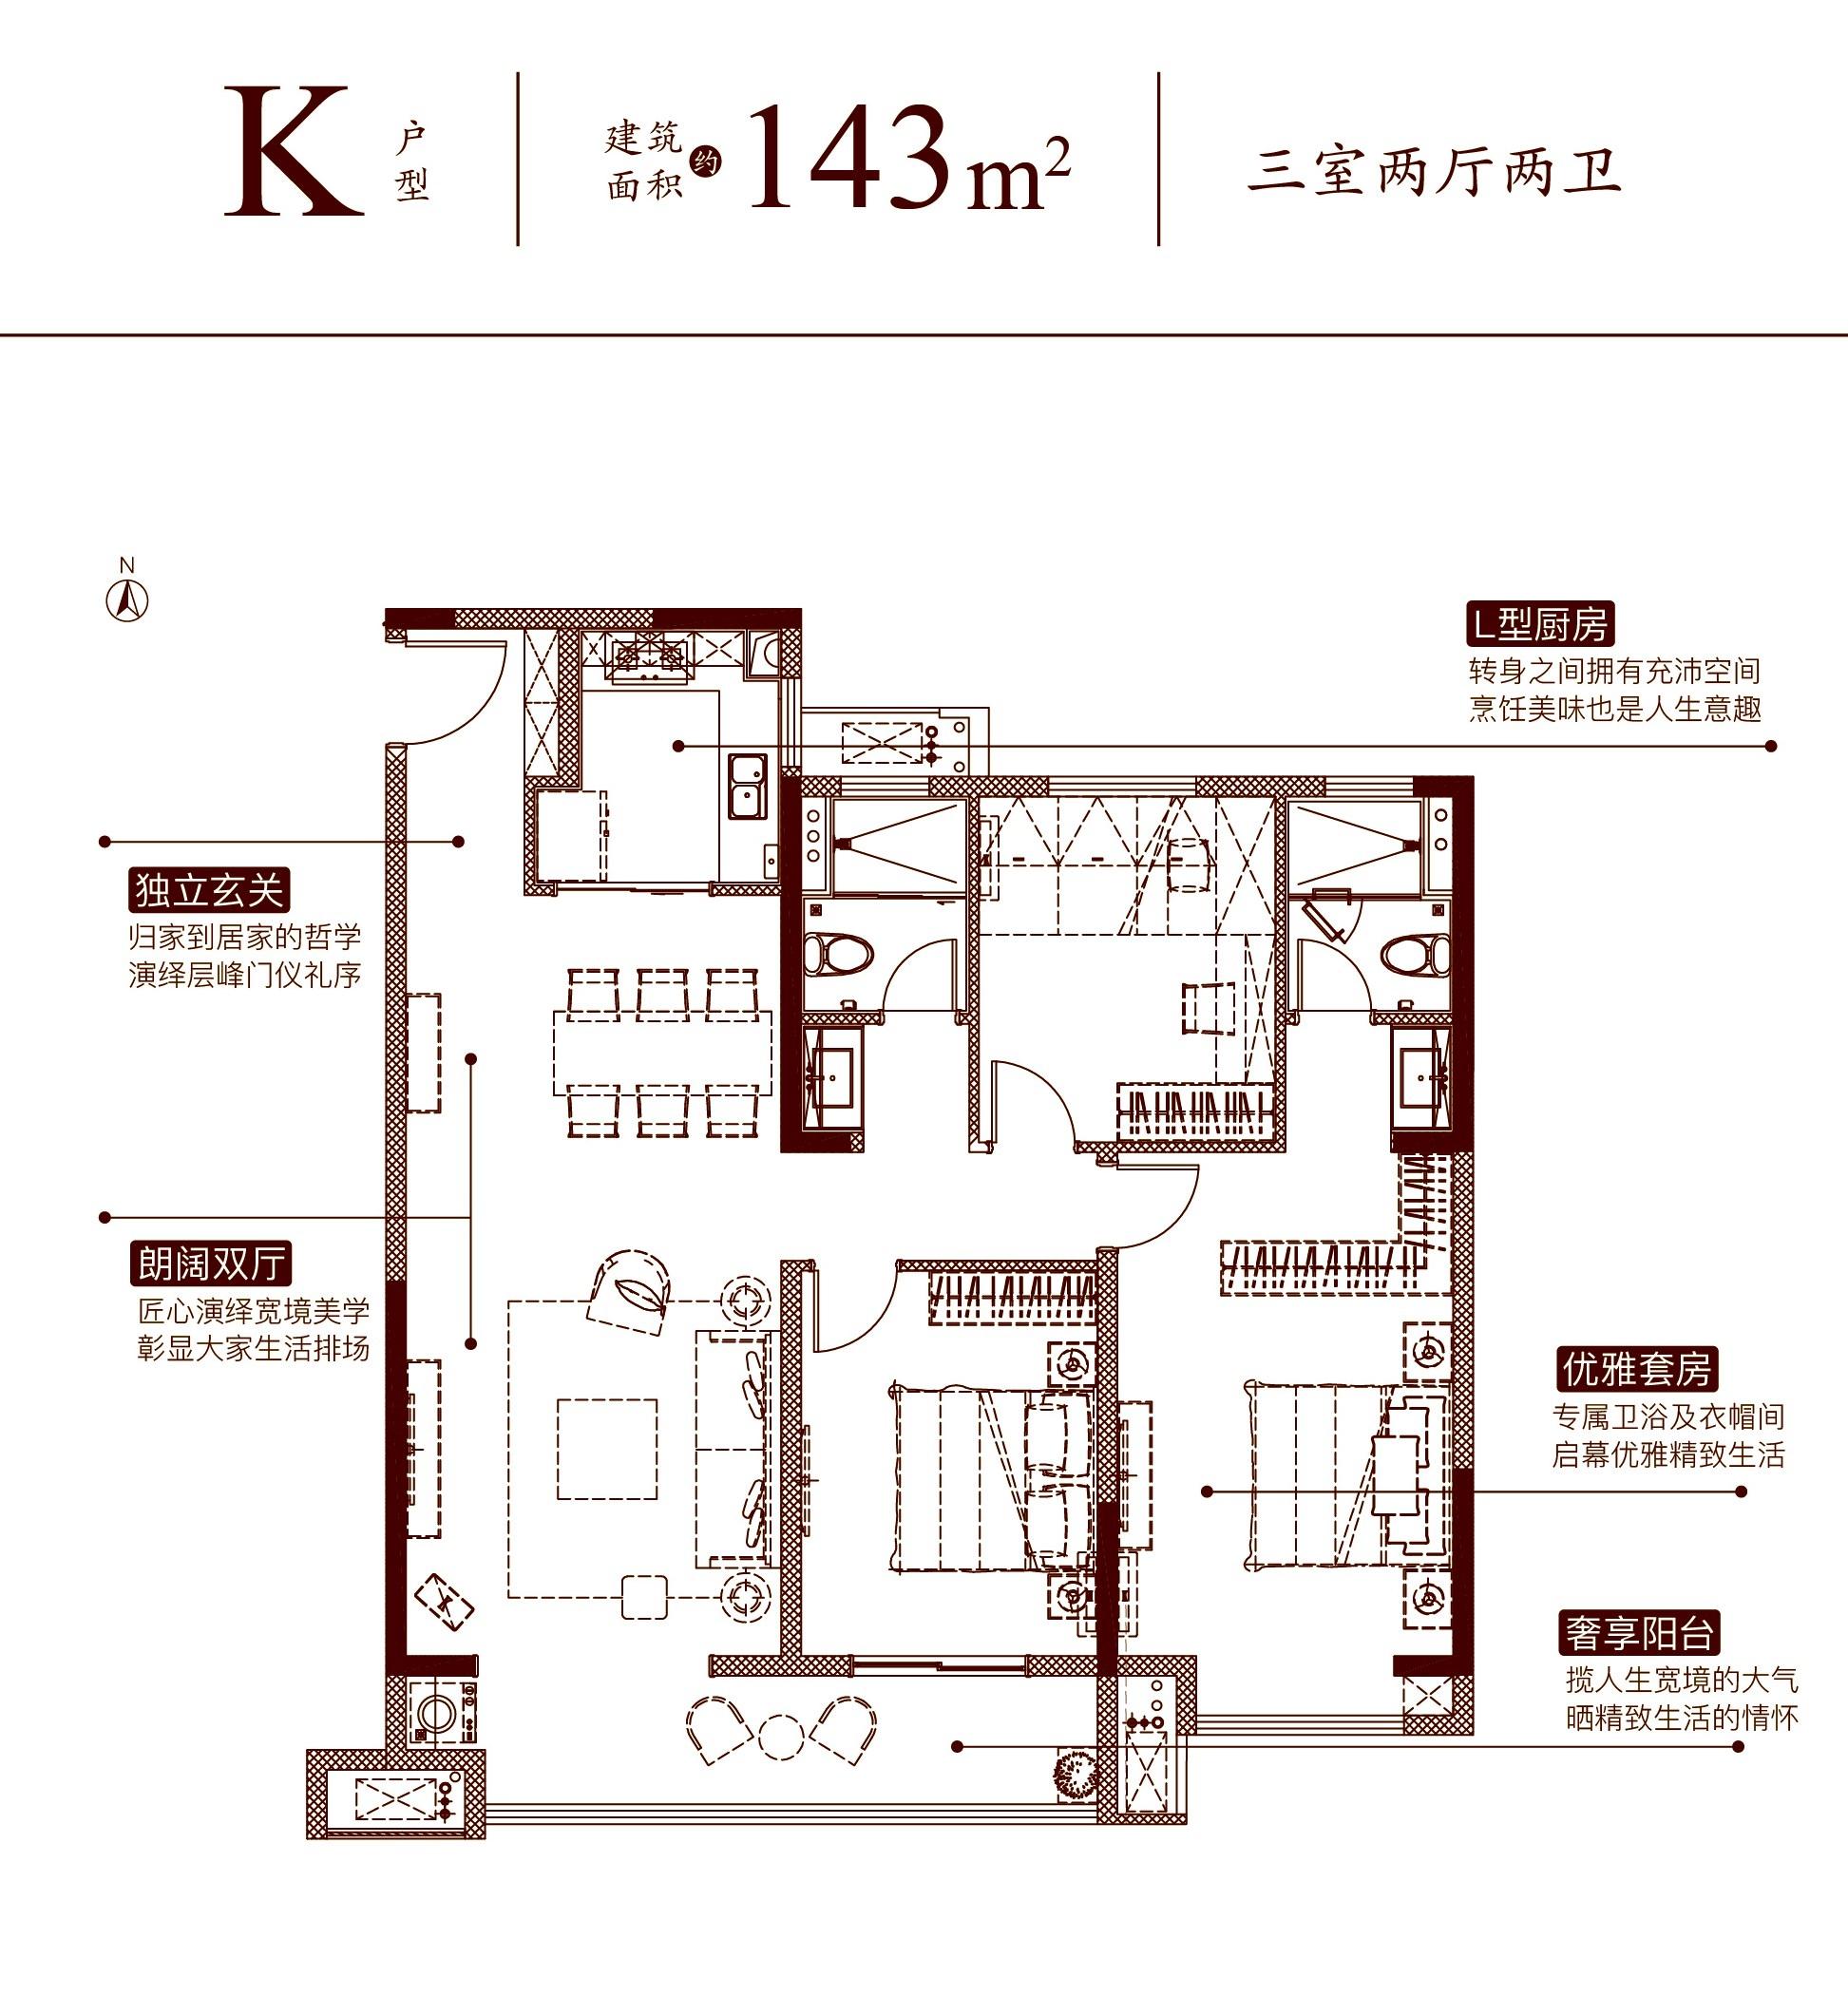 大发通银融悦府K户型(143㎡)